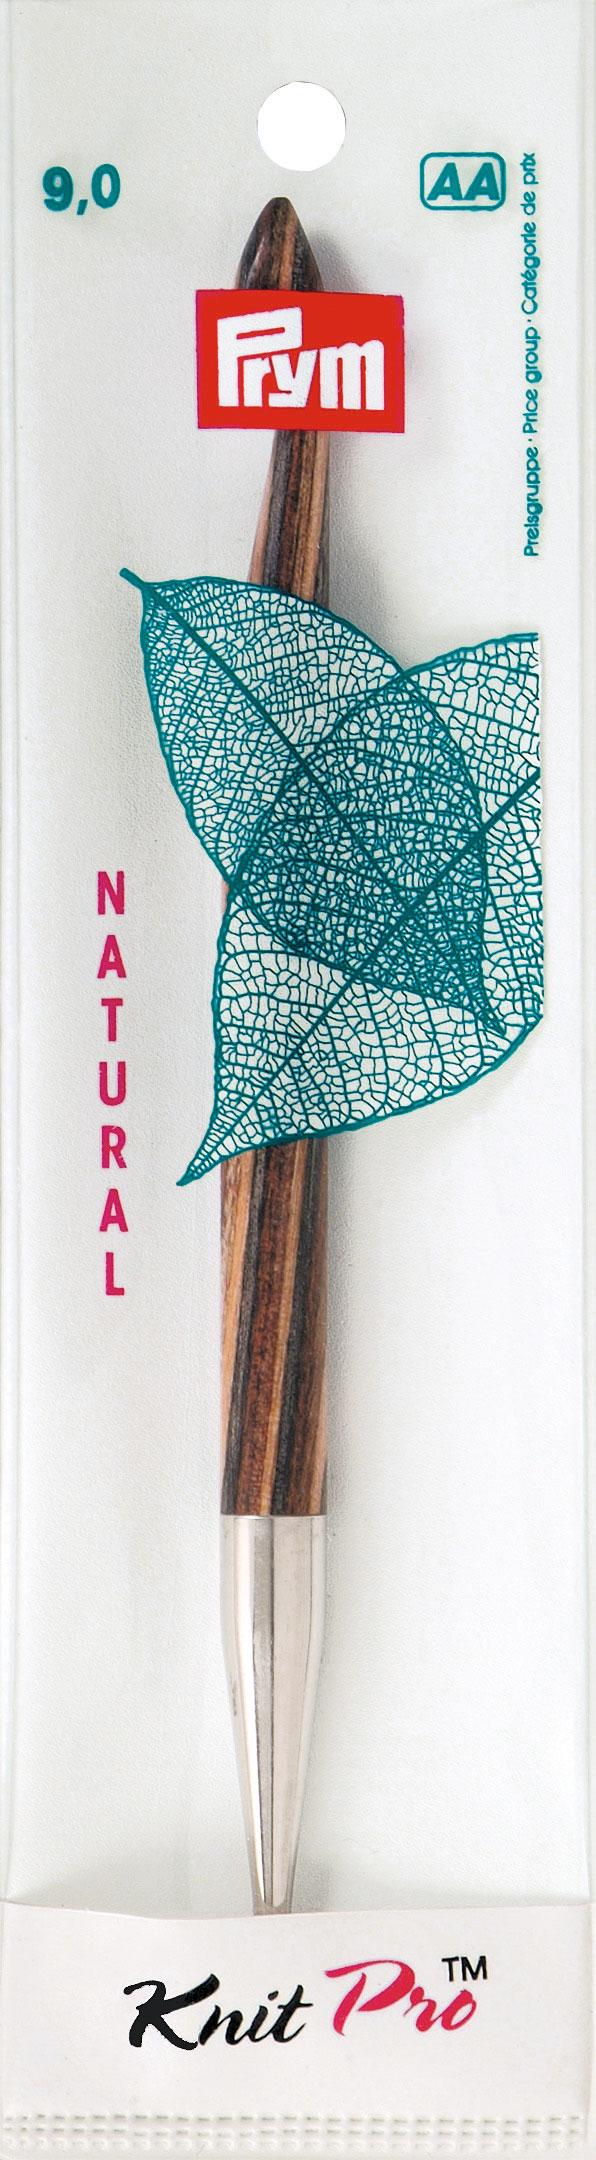 Крючок для тунисского вязания Prym Natural, съемный, диаметр 9 мм, длина 15 см223710Крючок Prym Natural изготовлен из дерева с металлическим наконечником. Он предназначен для тунисского вязания. Вязание тунисским крючком производится только по одной лицевой стороне и этим отличается от вязки обыкновенным крючком. Вы сможете вязать для себя и делать подарки друзьям. Рукоделие всегда считалось изысканным, благородным делом. Работа, сделанная своими руками, долго будет радовать вас и ваших близких. Подарок, выполненный собственноручно, станет самым ценным для друзей и знакомых. Диаметр: 9 мм. Длина: 15 см. Материал: дерево, металл.